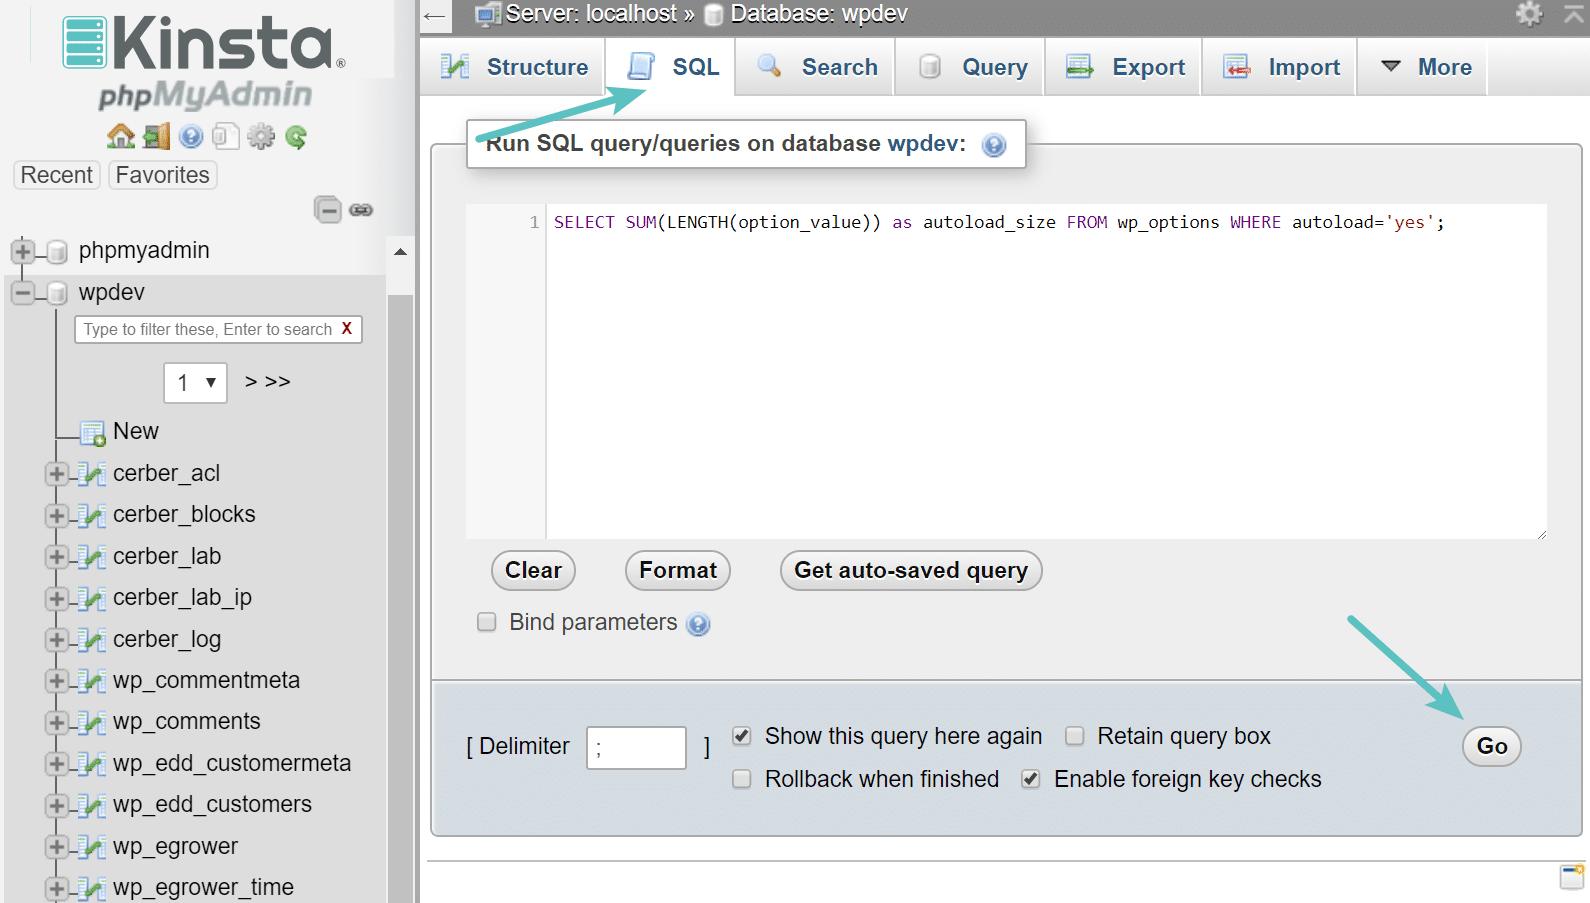 Consulta de tamaño de autoload en phpMyAdmin